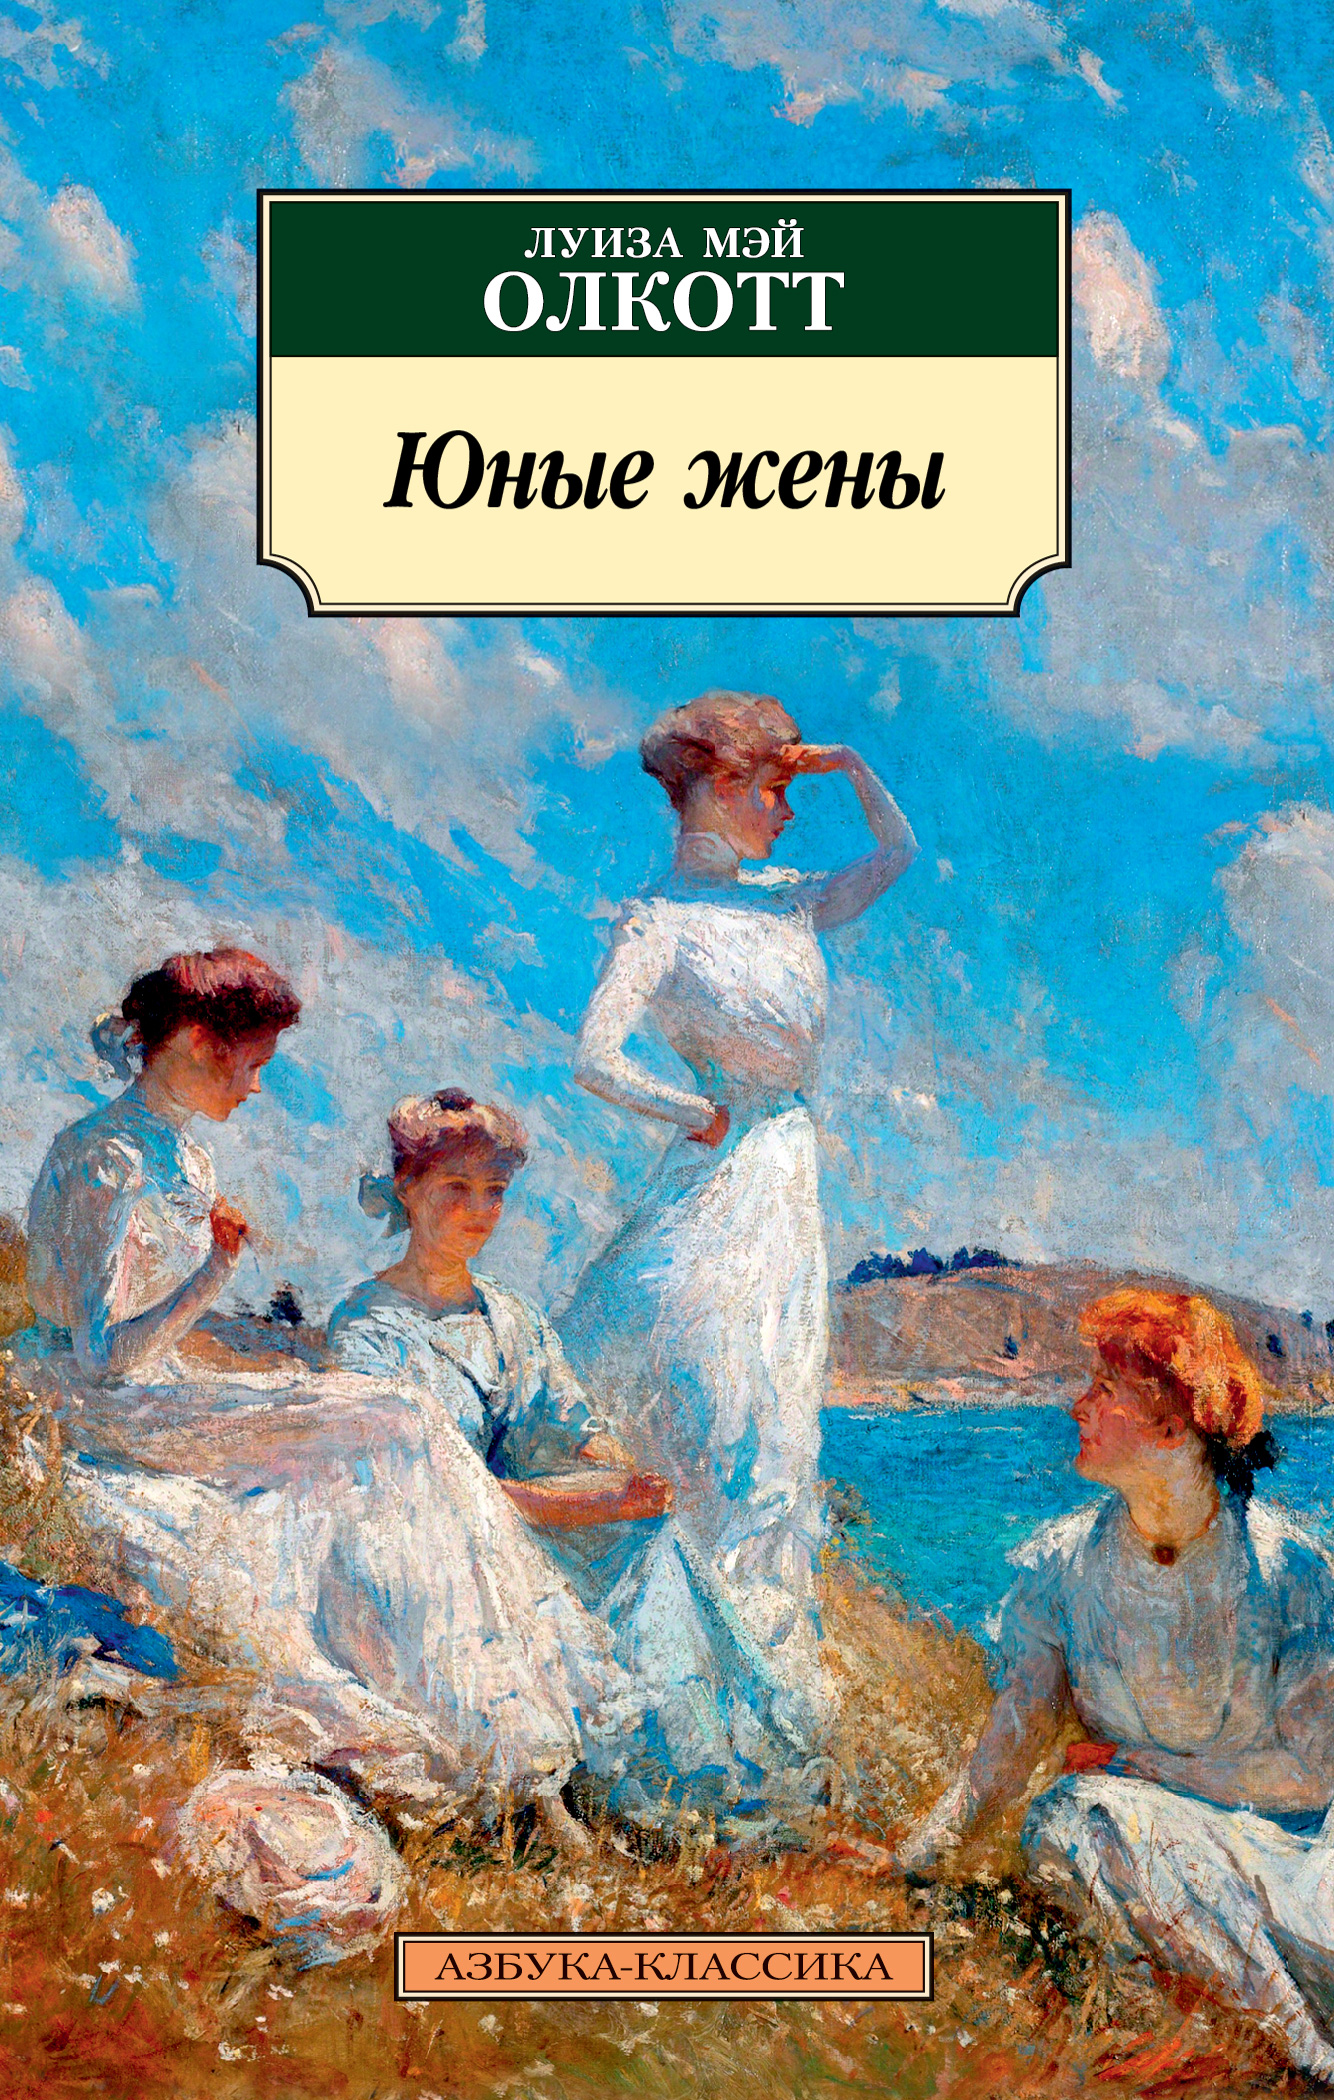 Отзывы о книге Юные жены